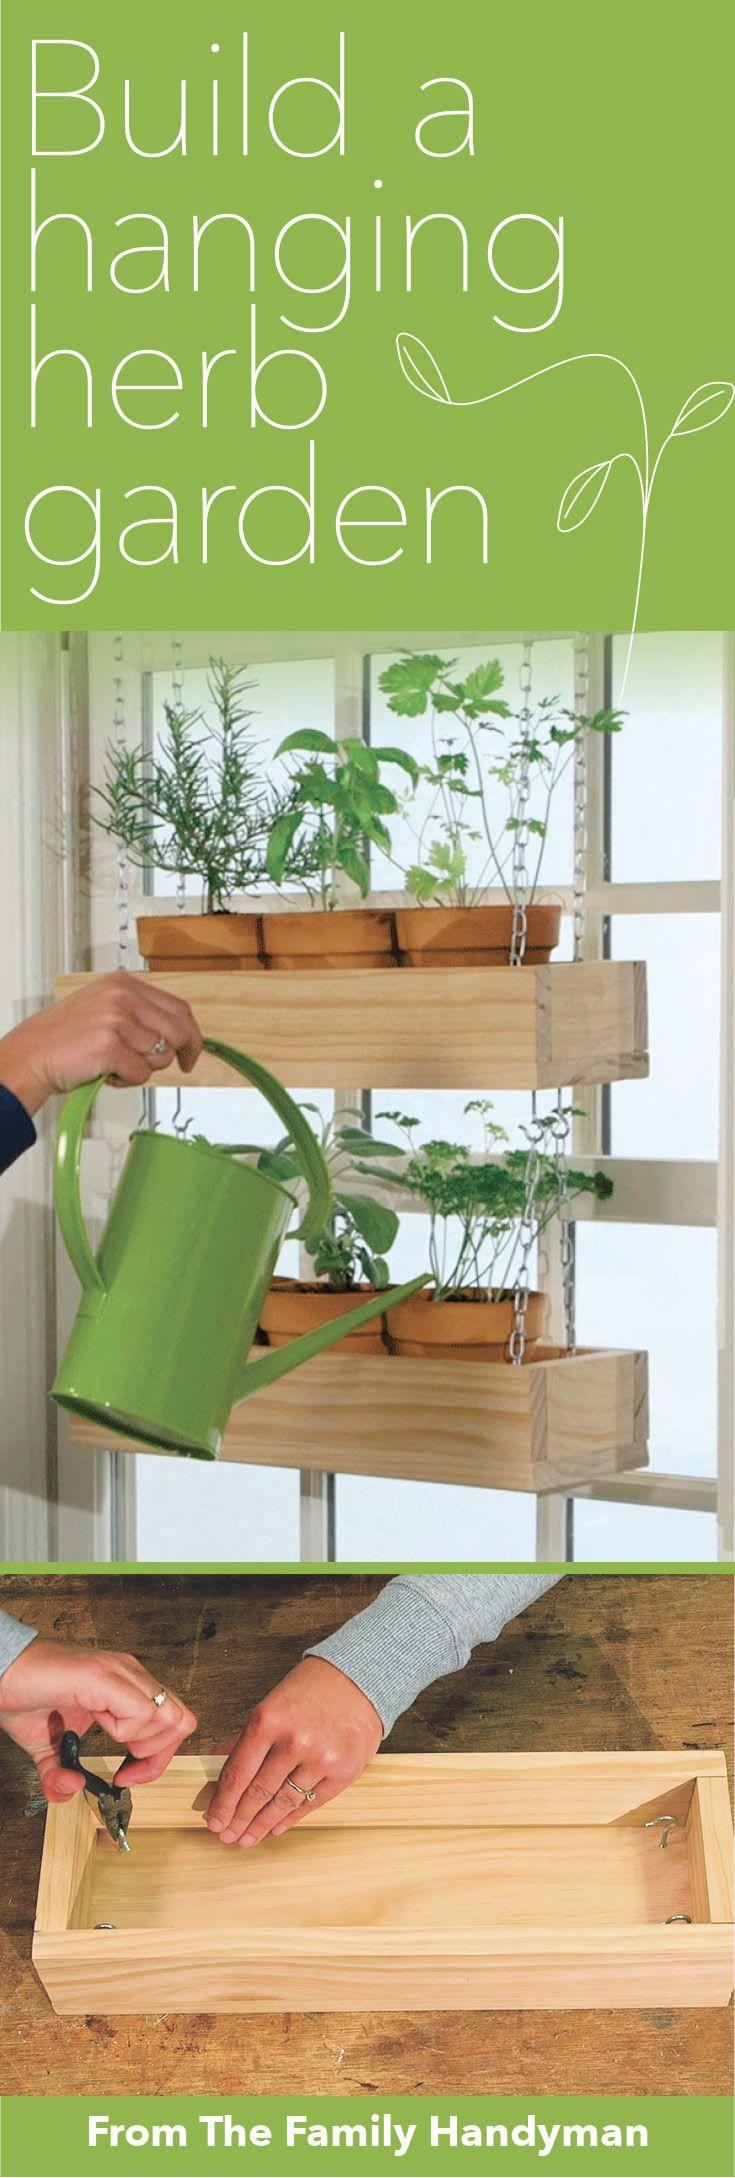 how to build a hanging herb garden - Simple Kitchen Herb Garden